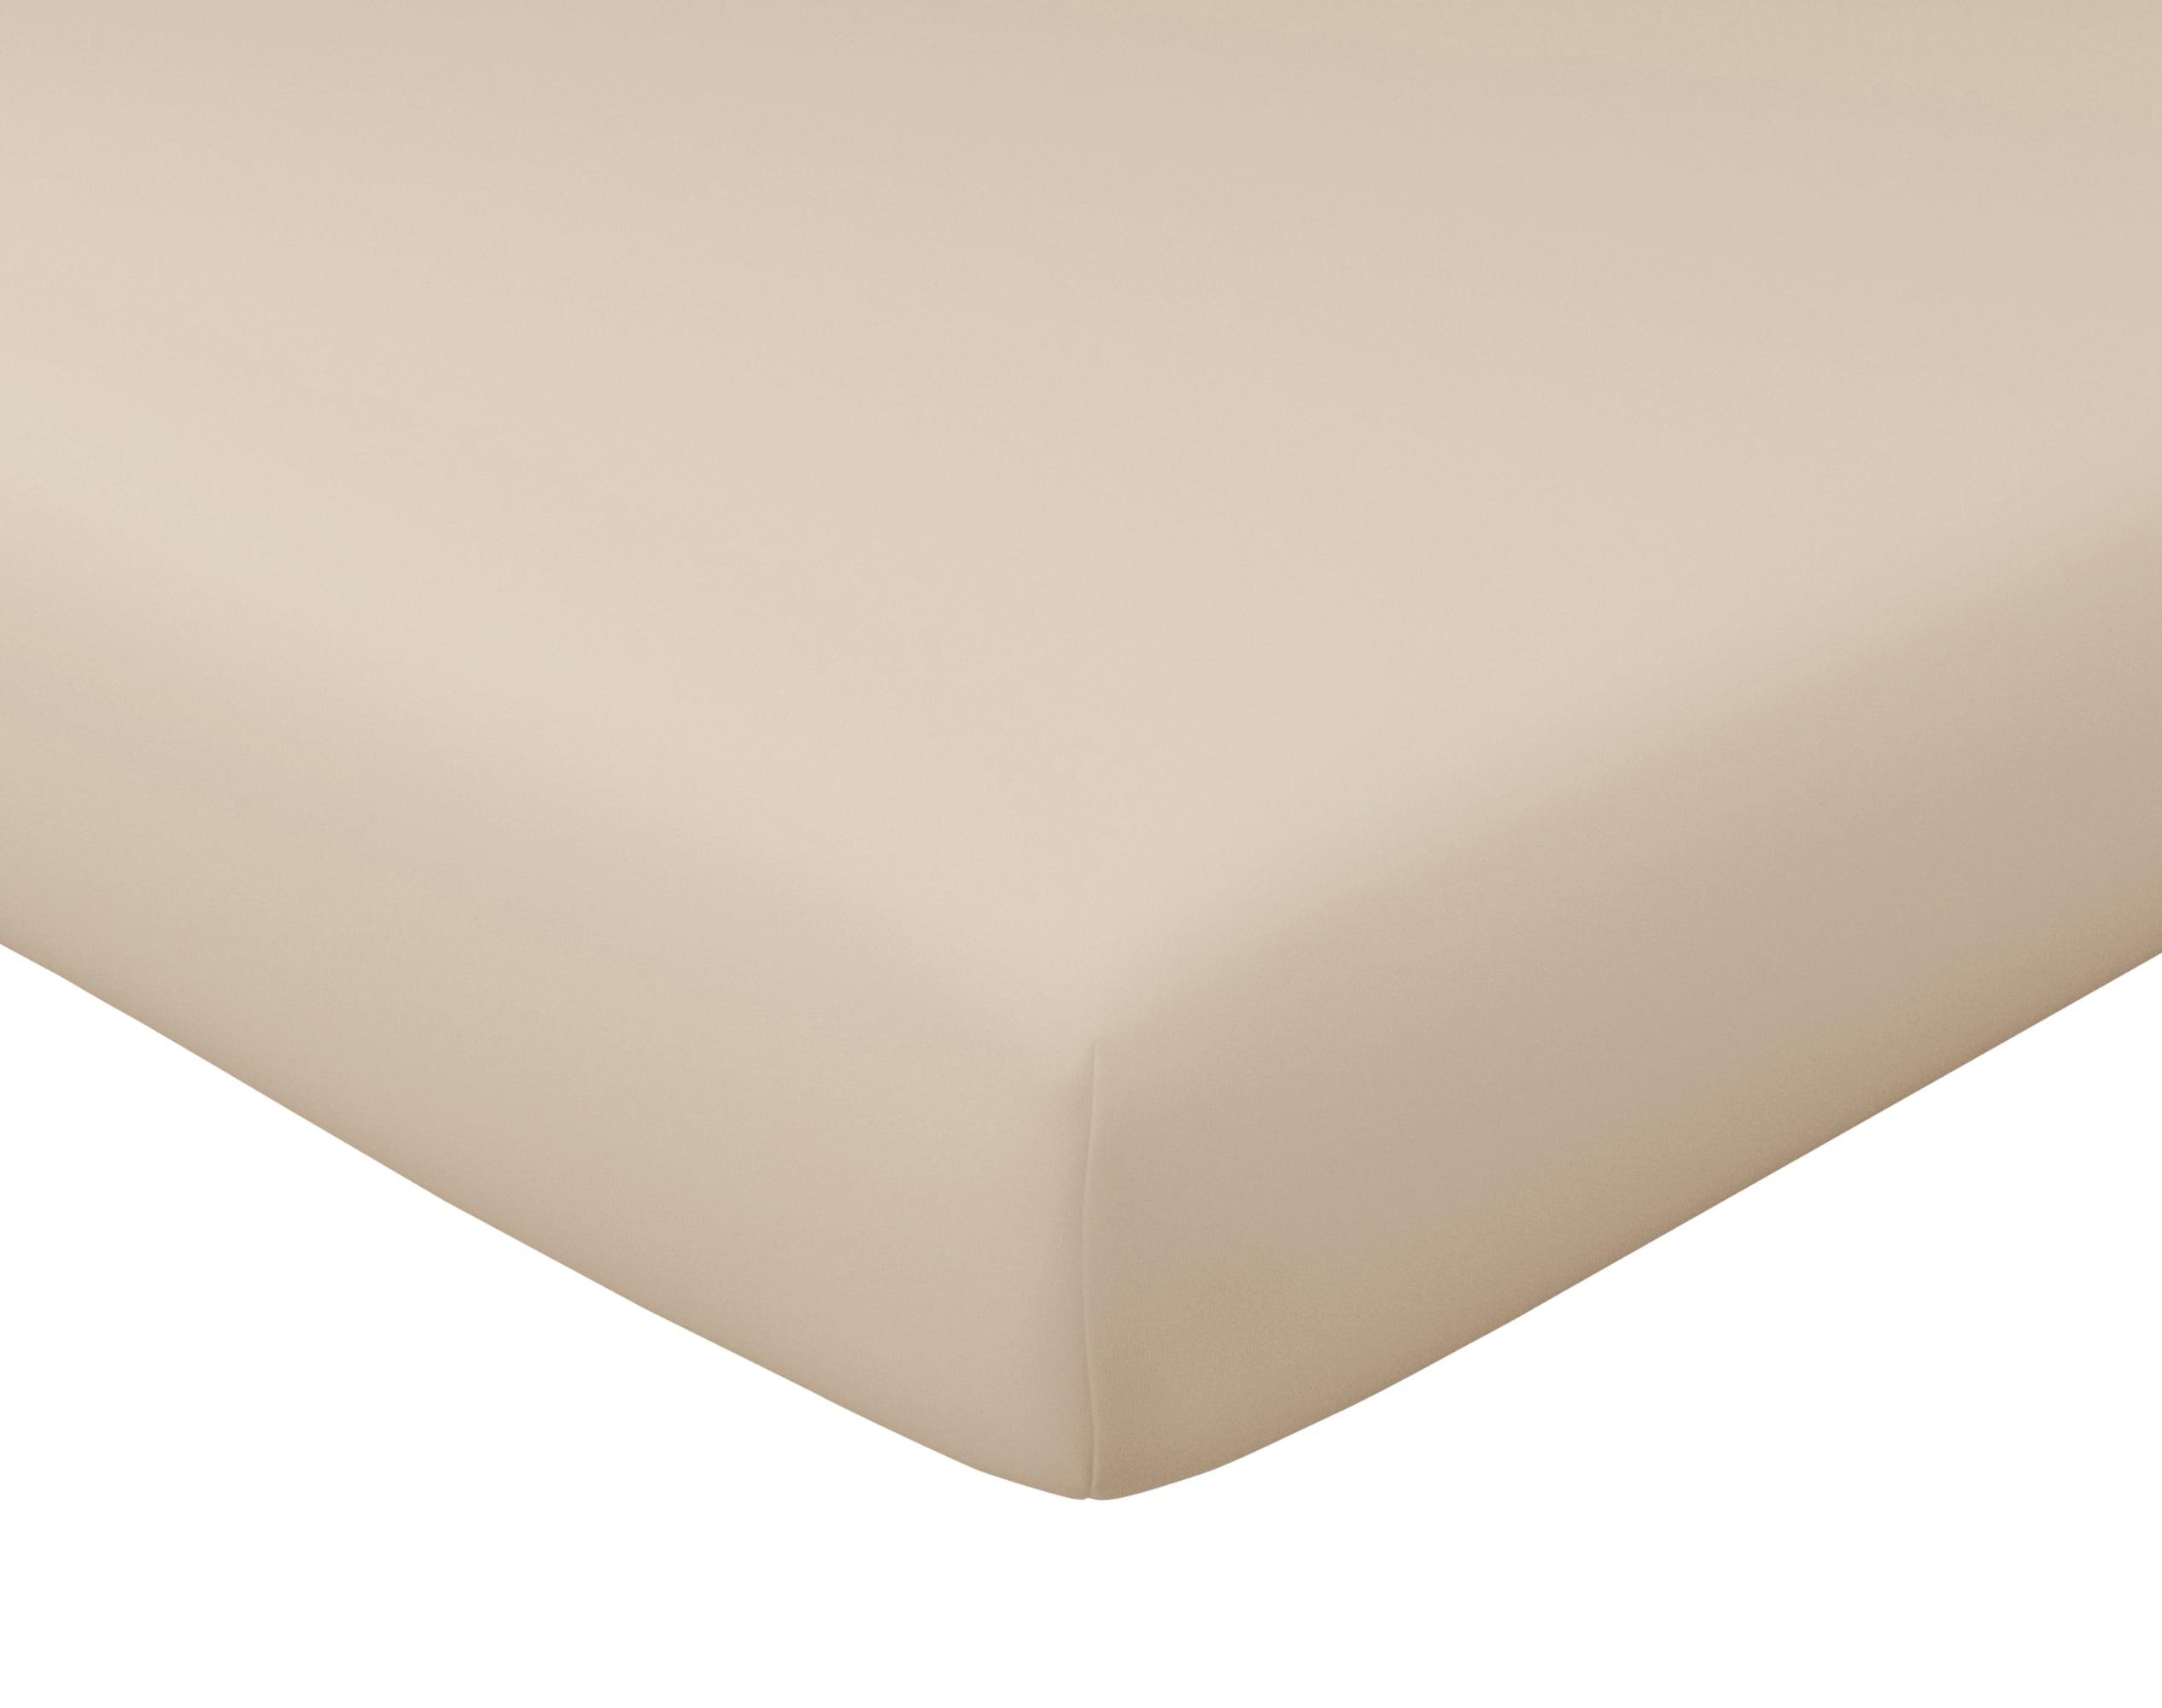 Drap-housse 90x190 en satin de coton beige